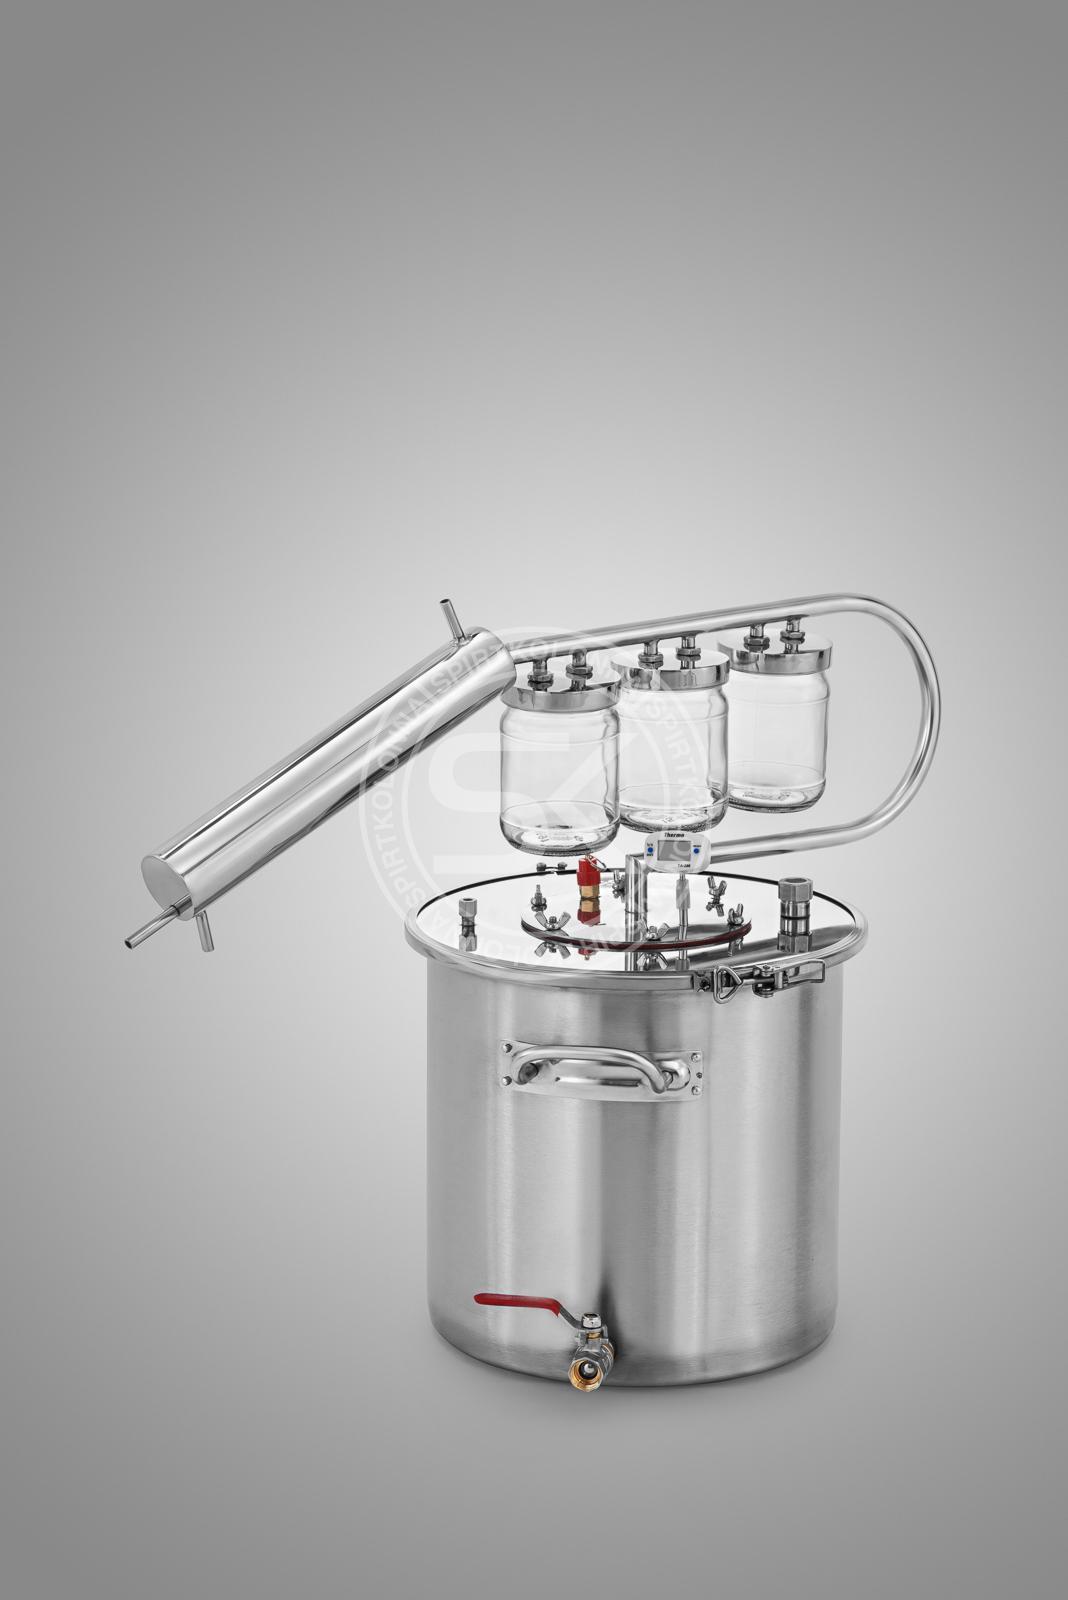 Купить дистиллятор самогонный аппарат в украине продам мини пивоварню